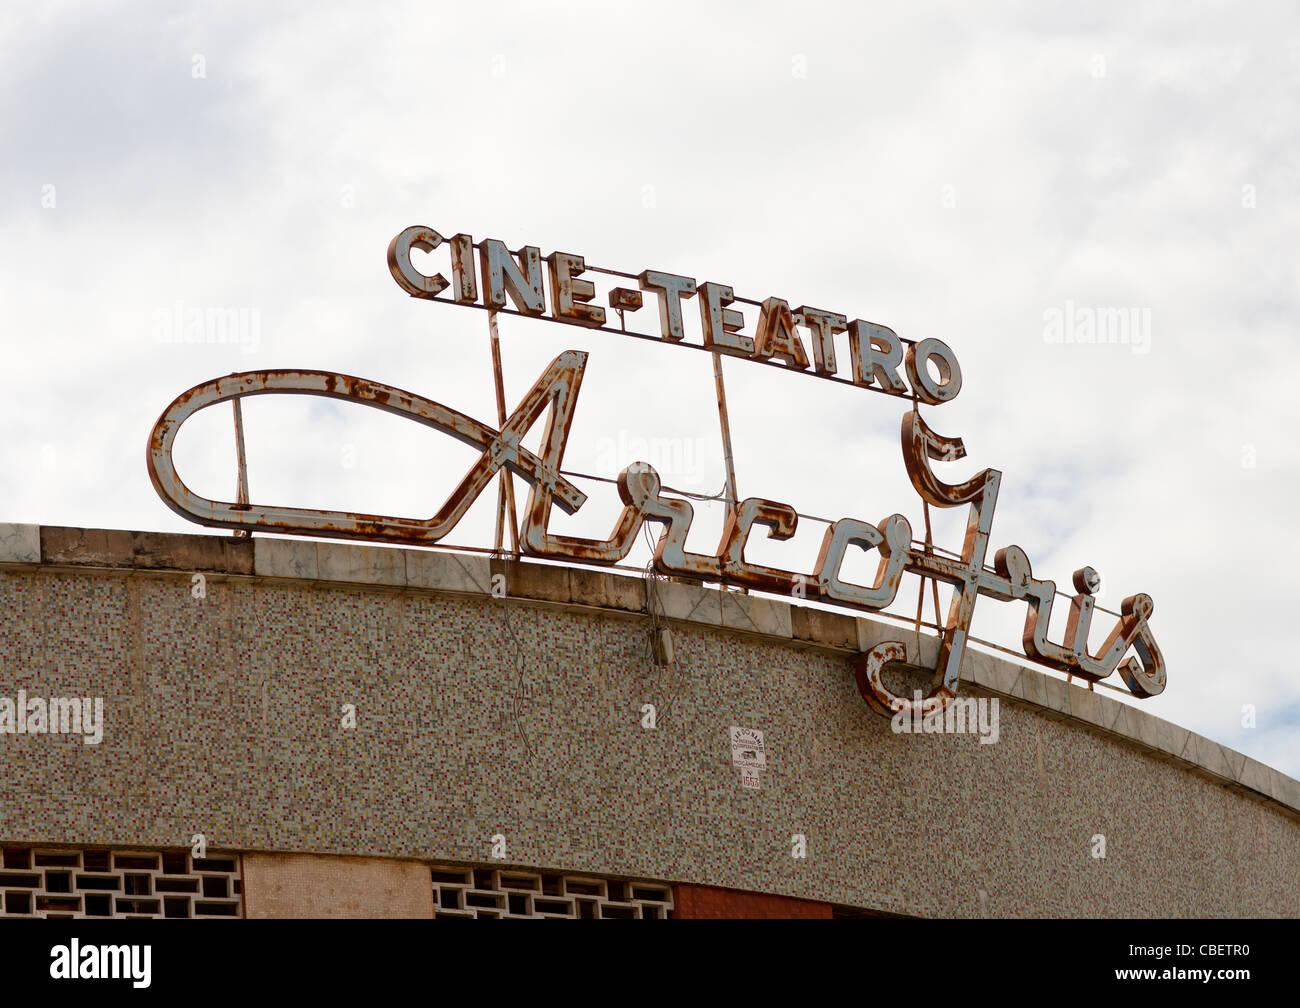 Cinema In Lubango, Angola - Stock Image